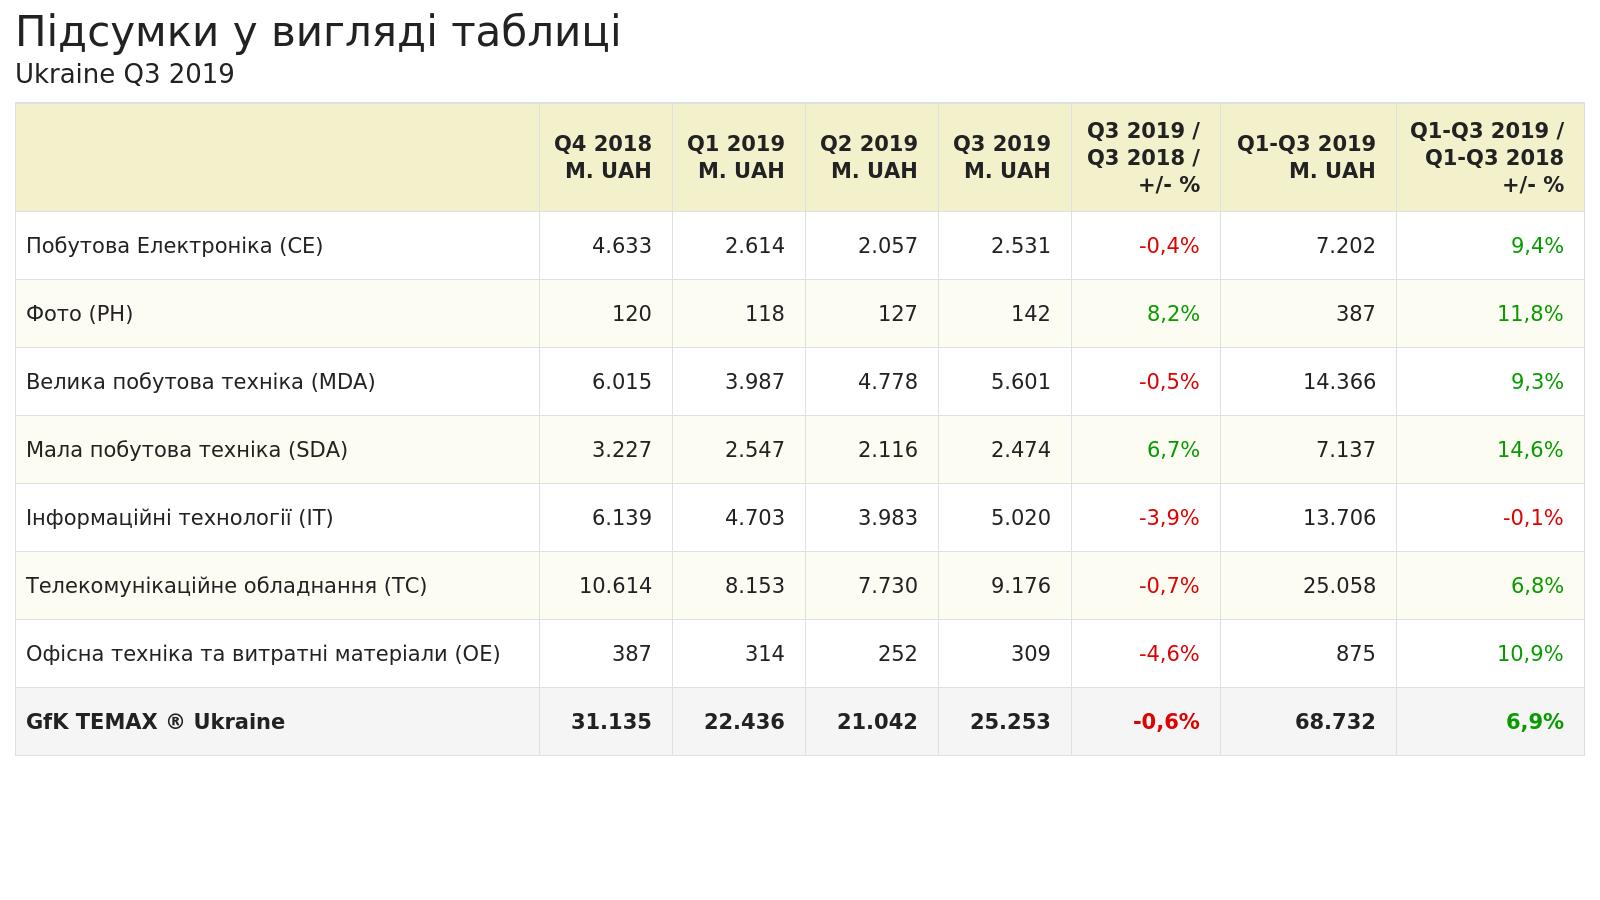 Общий объем продаж на украинском рынке технических потребительских показал падение на 1%